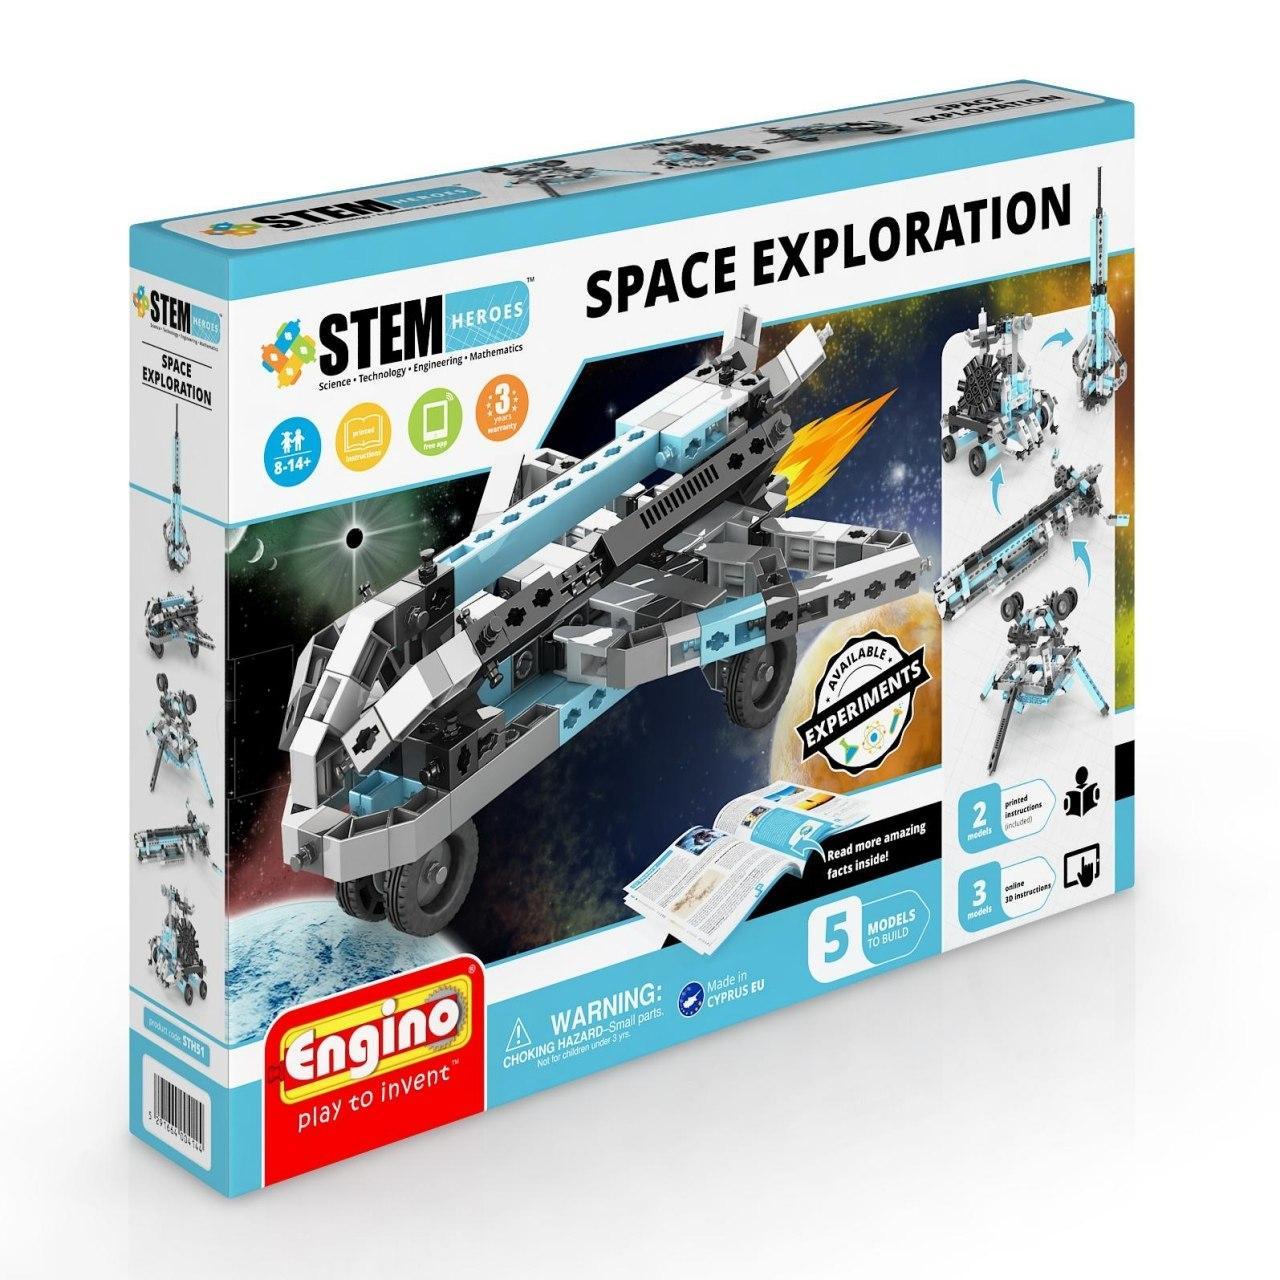 Купить Конструктор ENGINO STH51 STEM Heroes. Набор из 5 моделей. Освоение космоса, Кипр